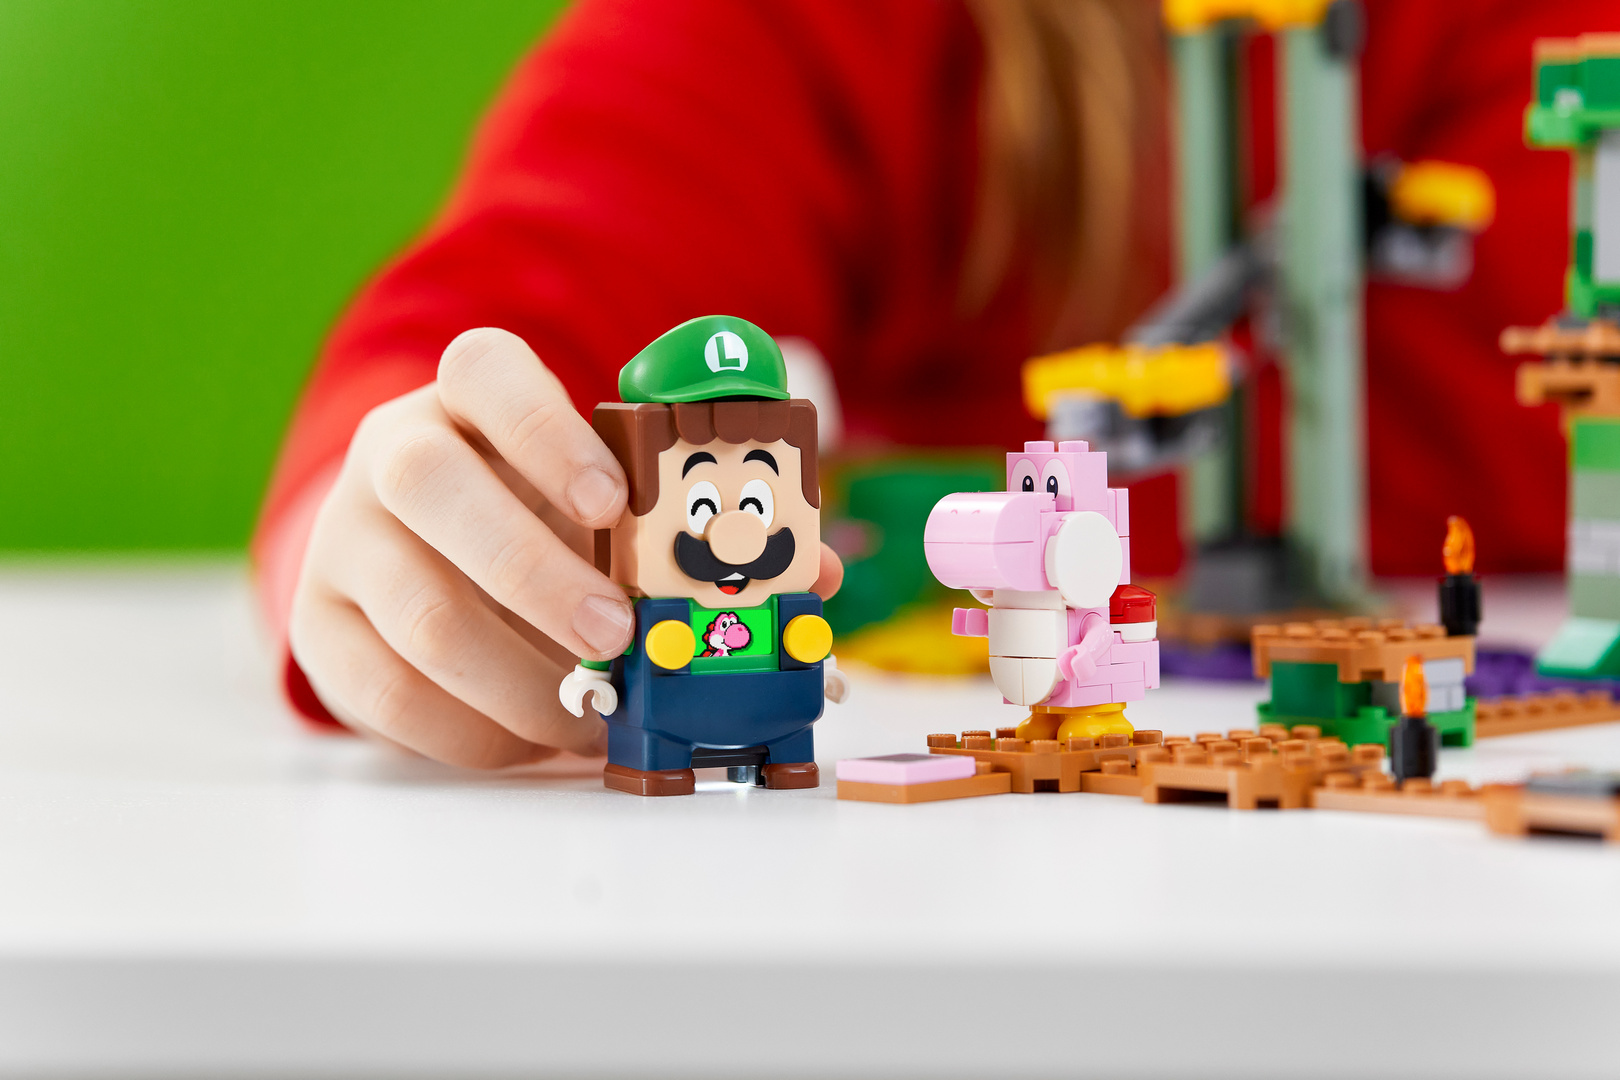 LEGO Super Mario LLEGO Luigi レゴ ルイージ